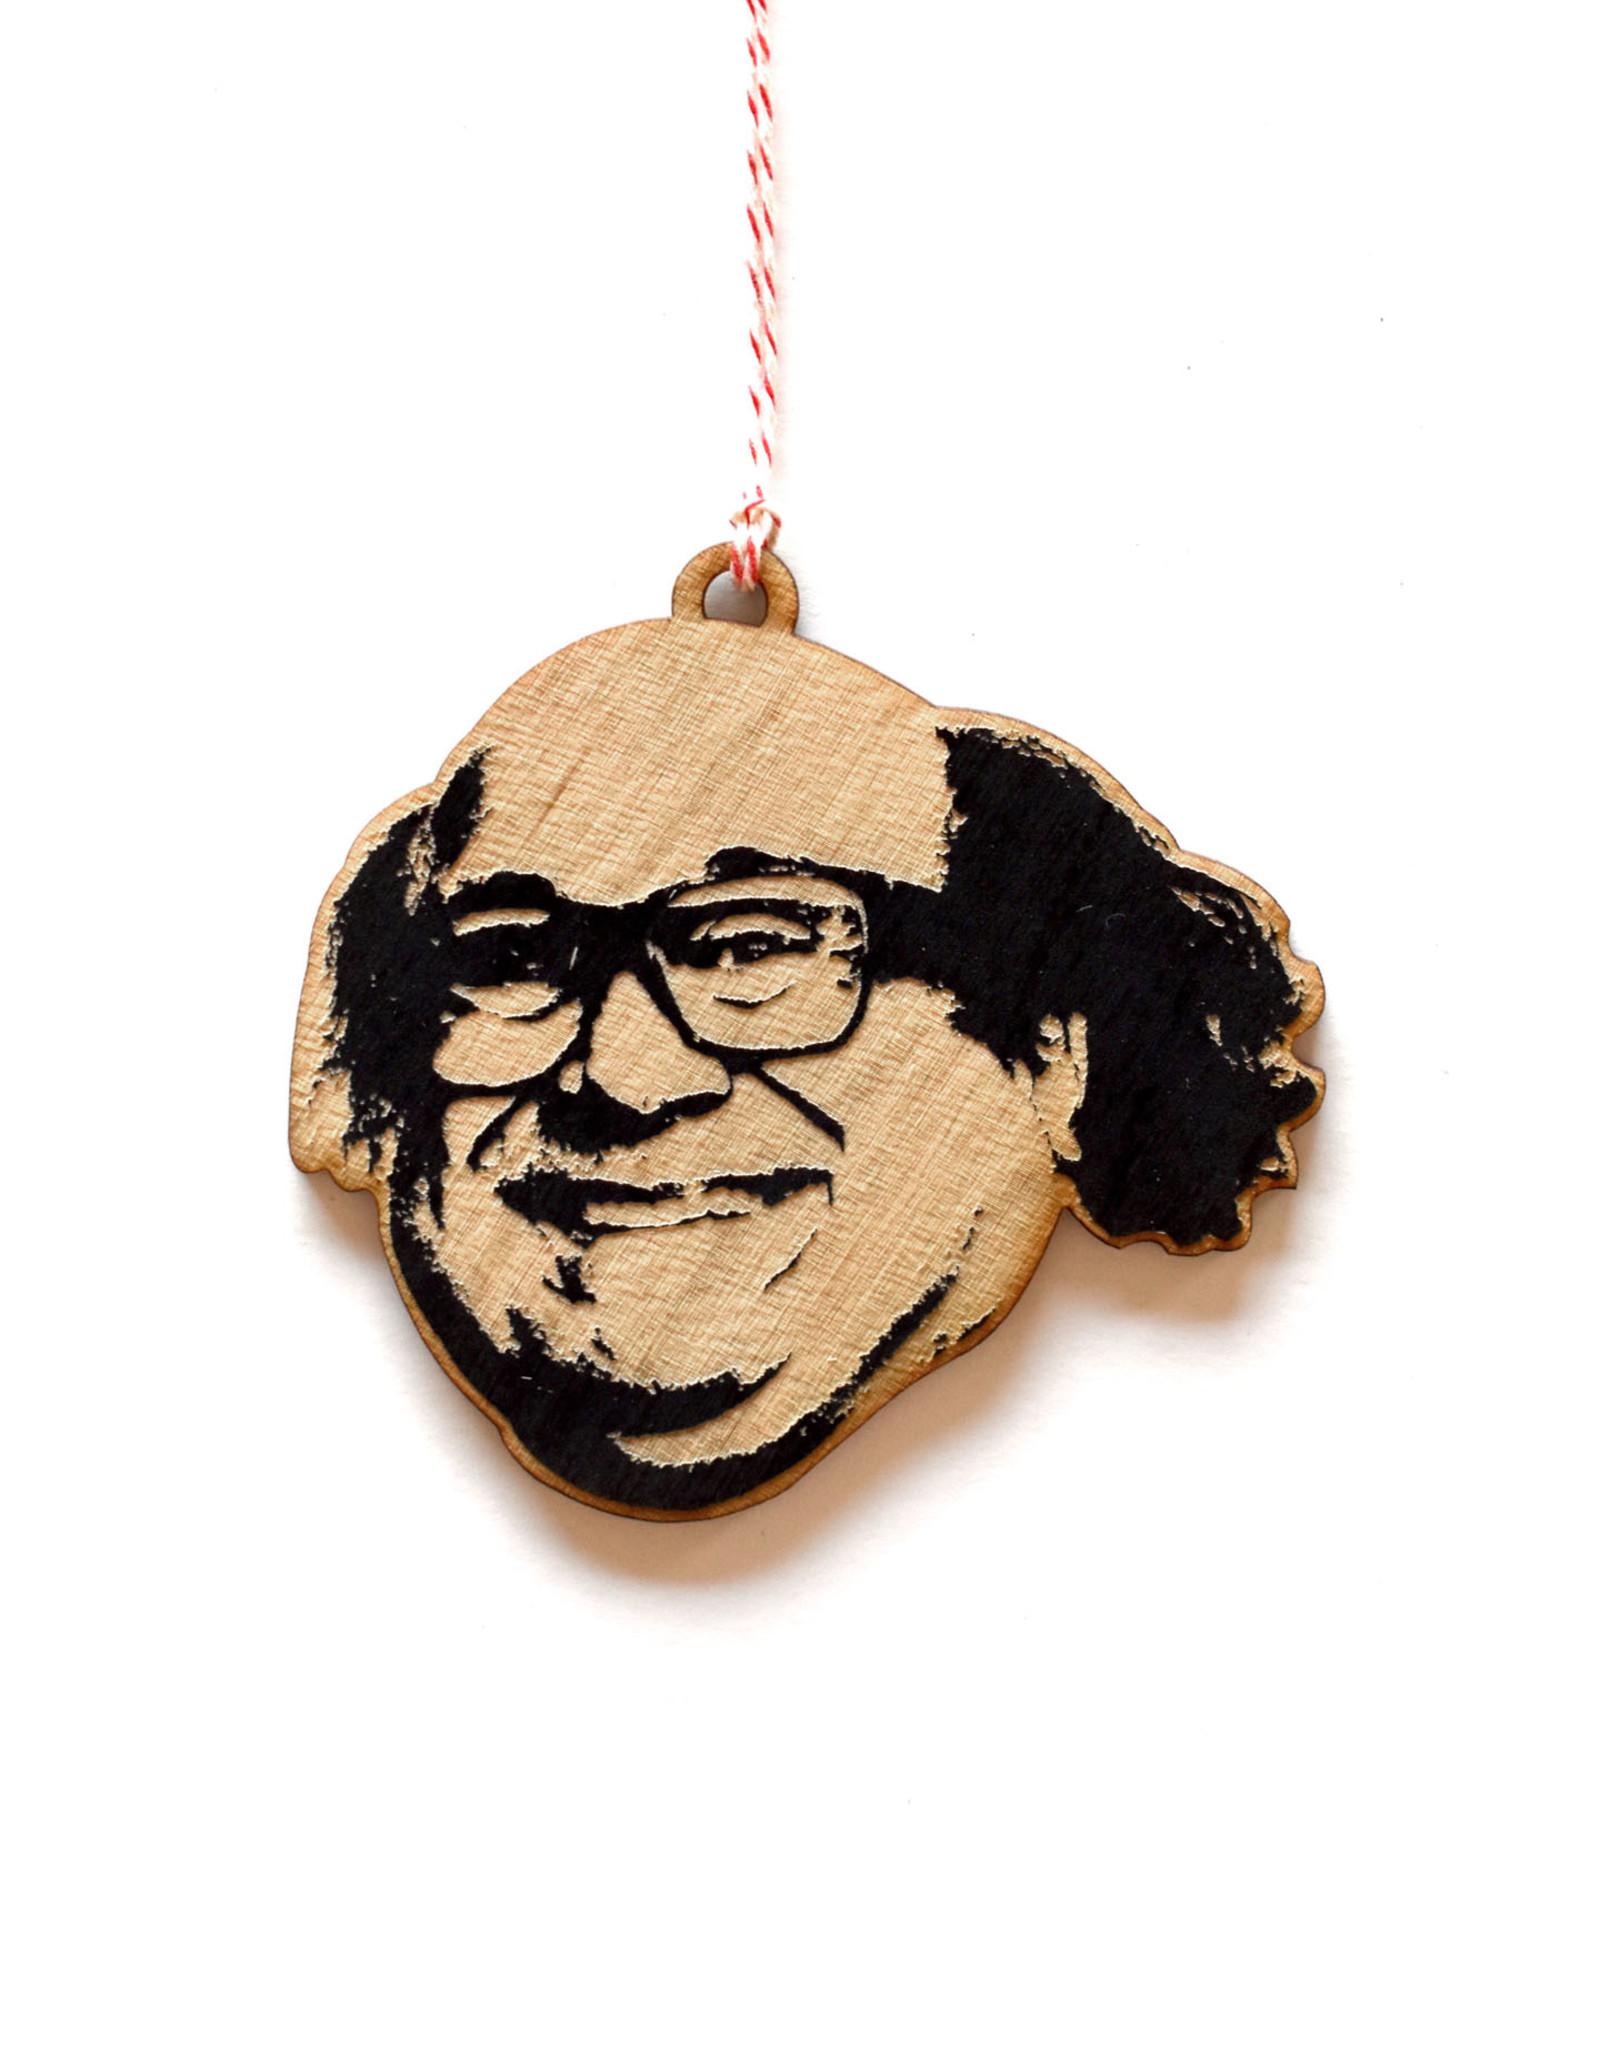 Danny Devito Wooden Ornament